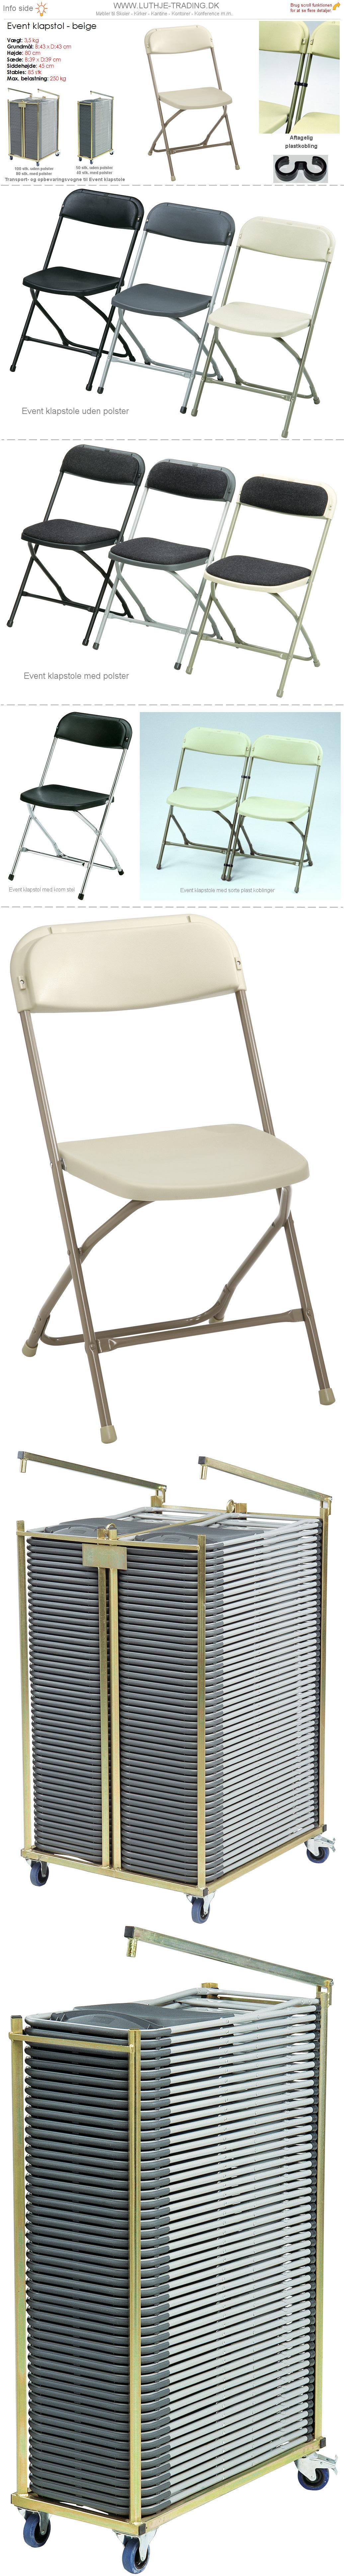 Klapstol Event beige plast og stel. Der findes en transport- og opbevaringsvogn til denne klapstol. Vi giver gerne et godt tilbud på denne klapstol.